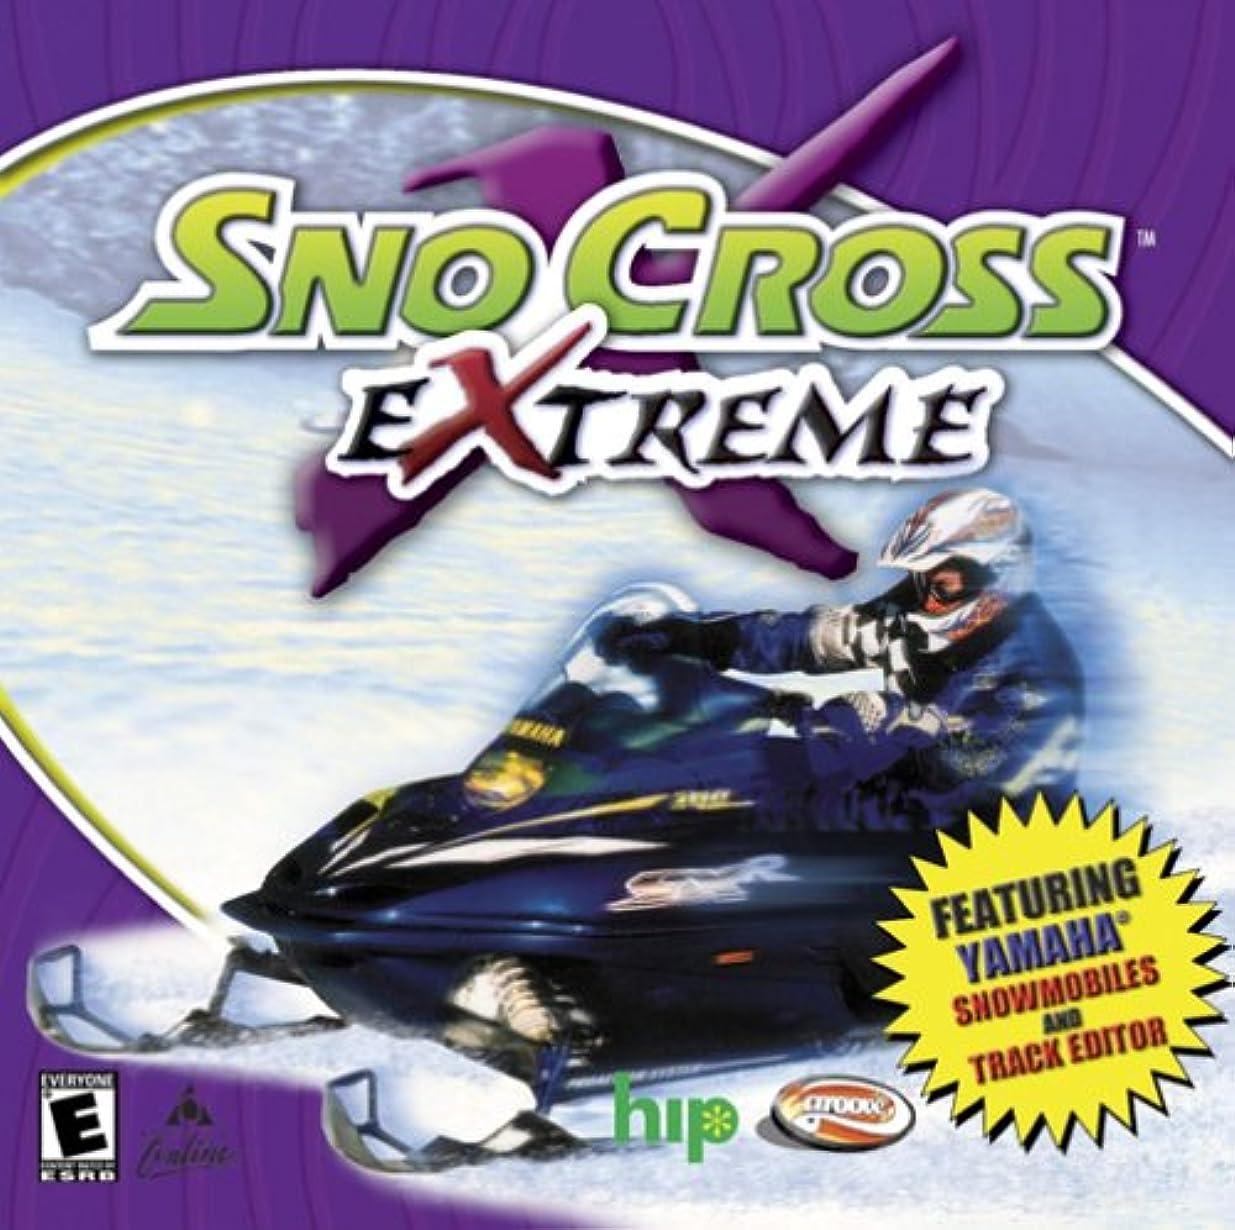 クッション引数安全なSnoCross Extreme (Jewel Case) (輸入版)